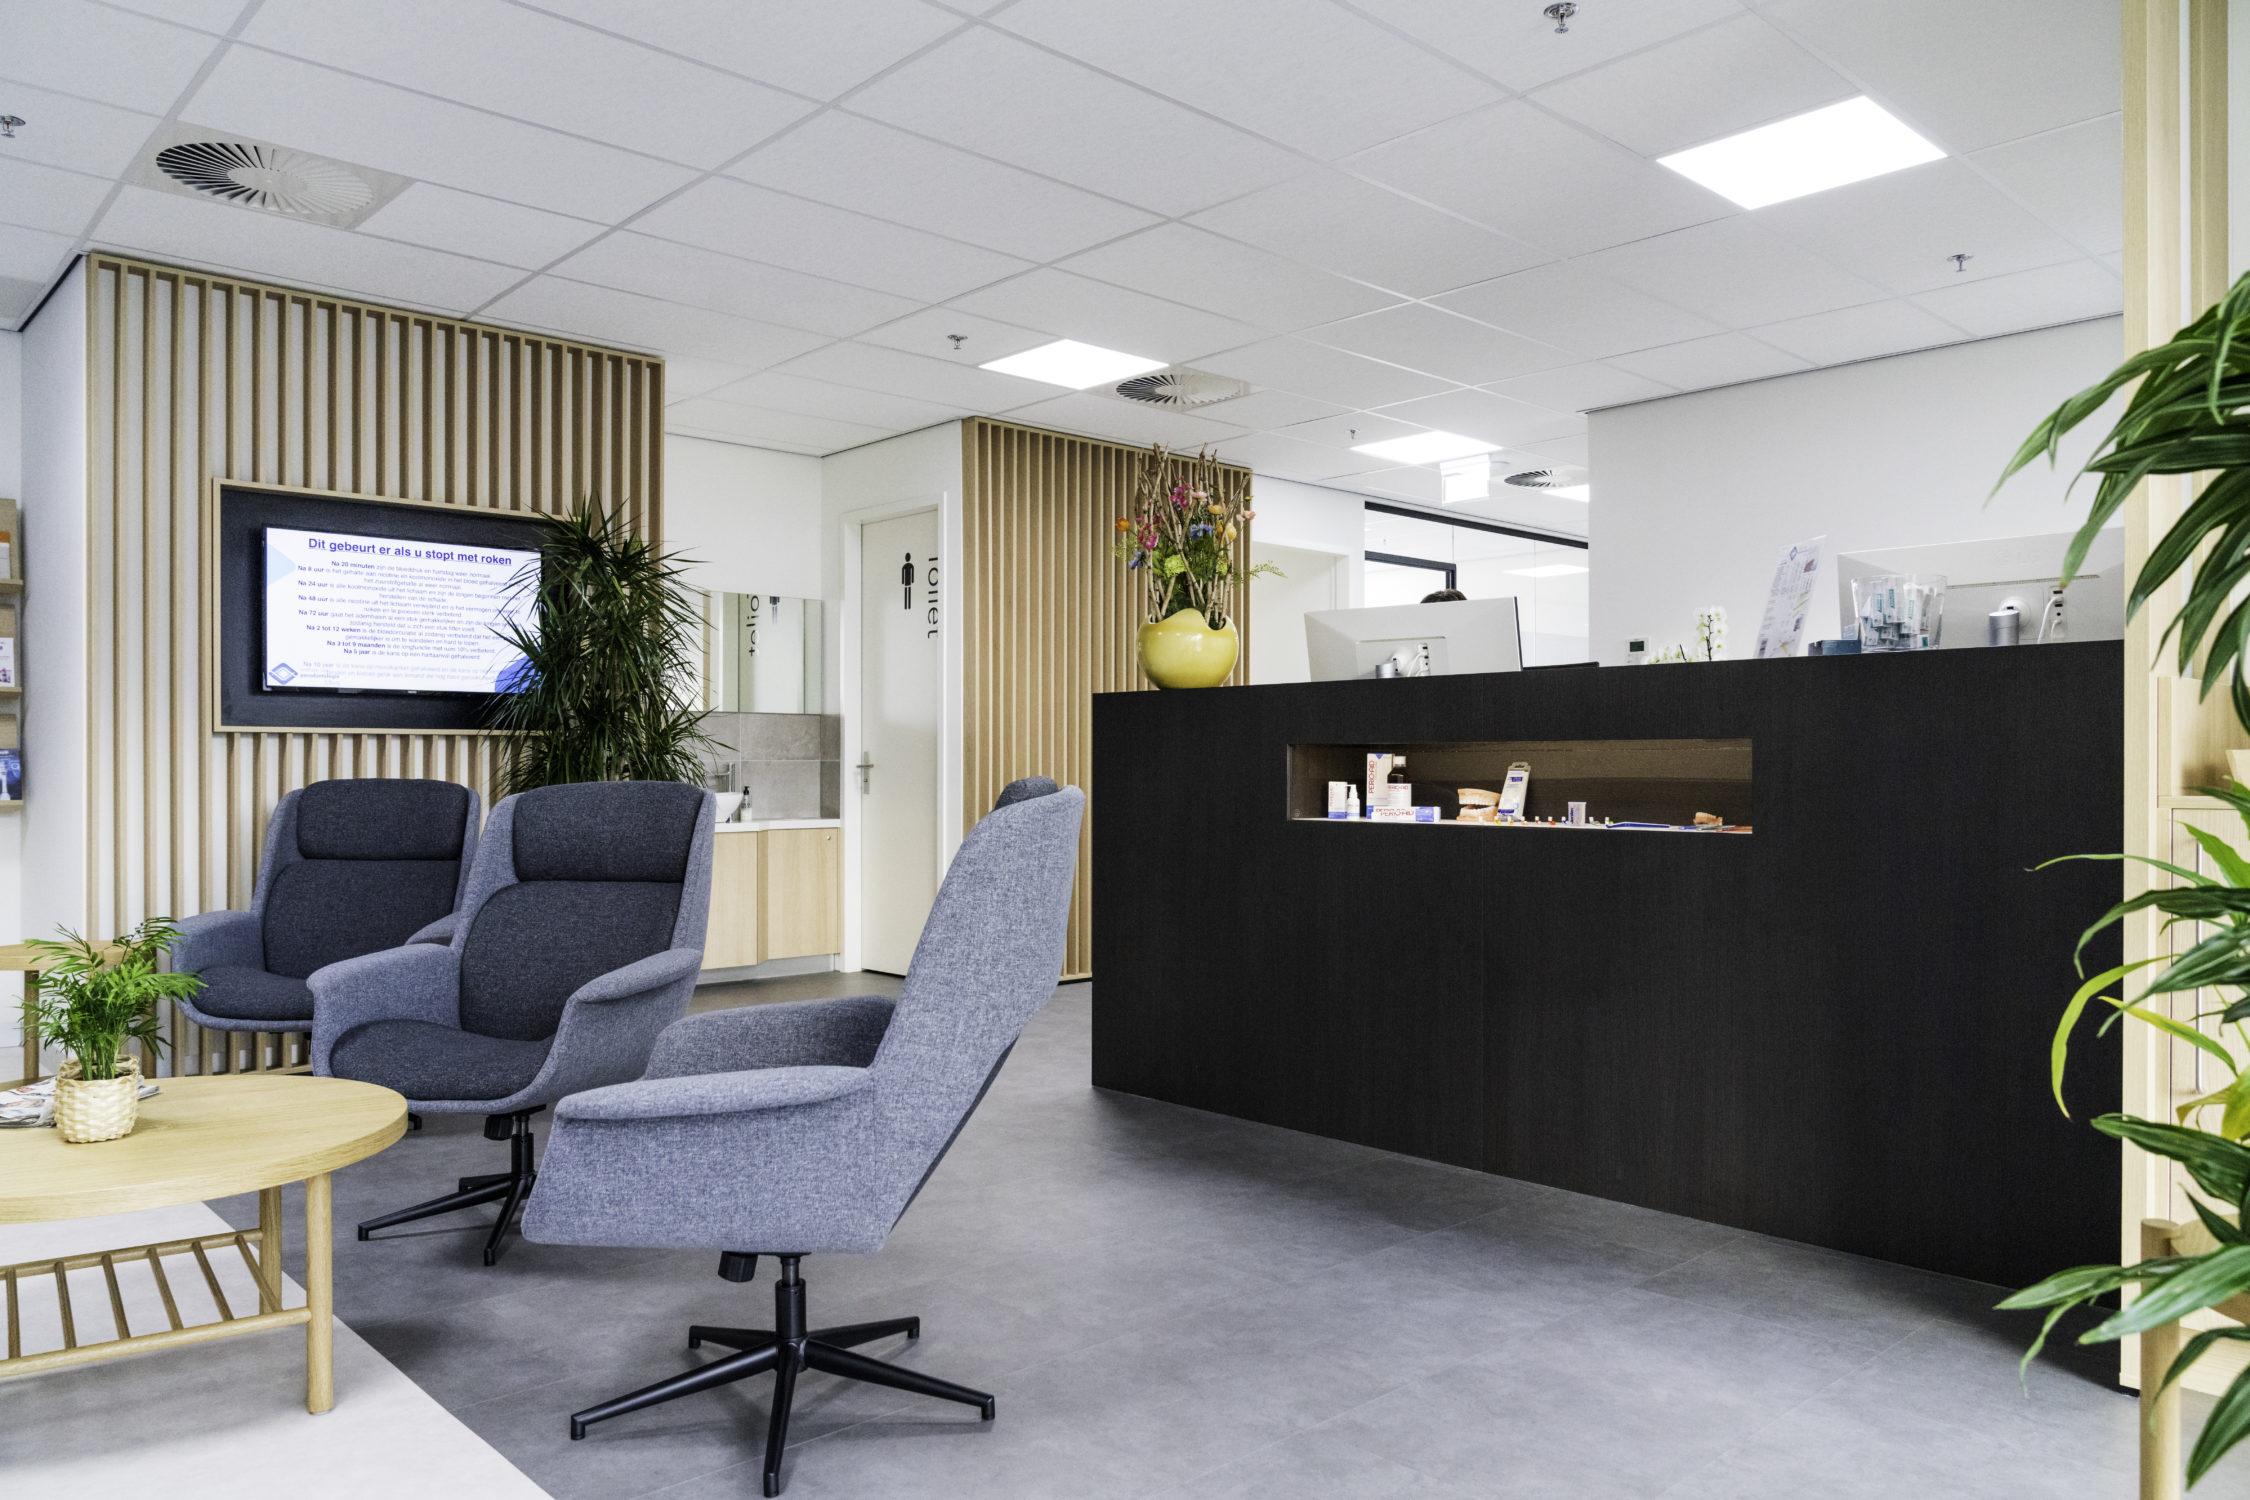 Centrum voor Parodontologie Tilburg